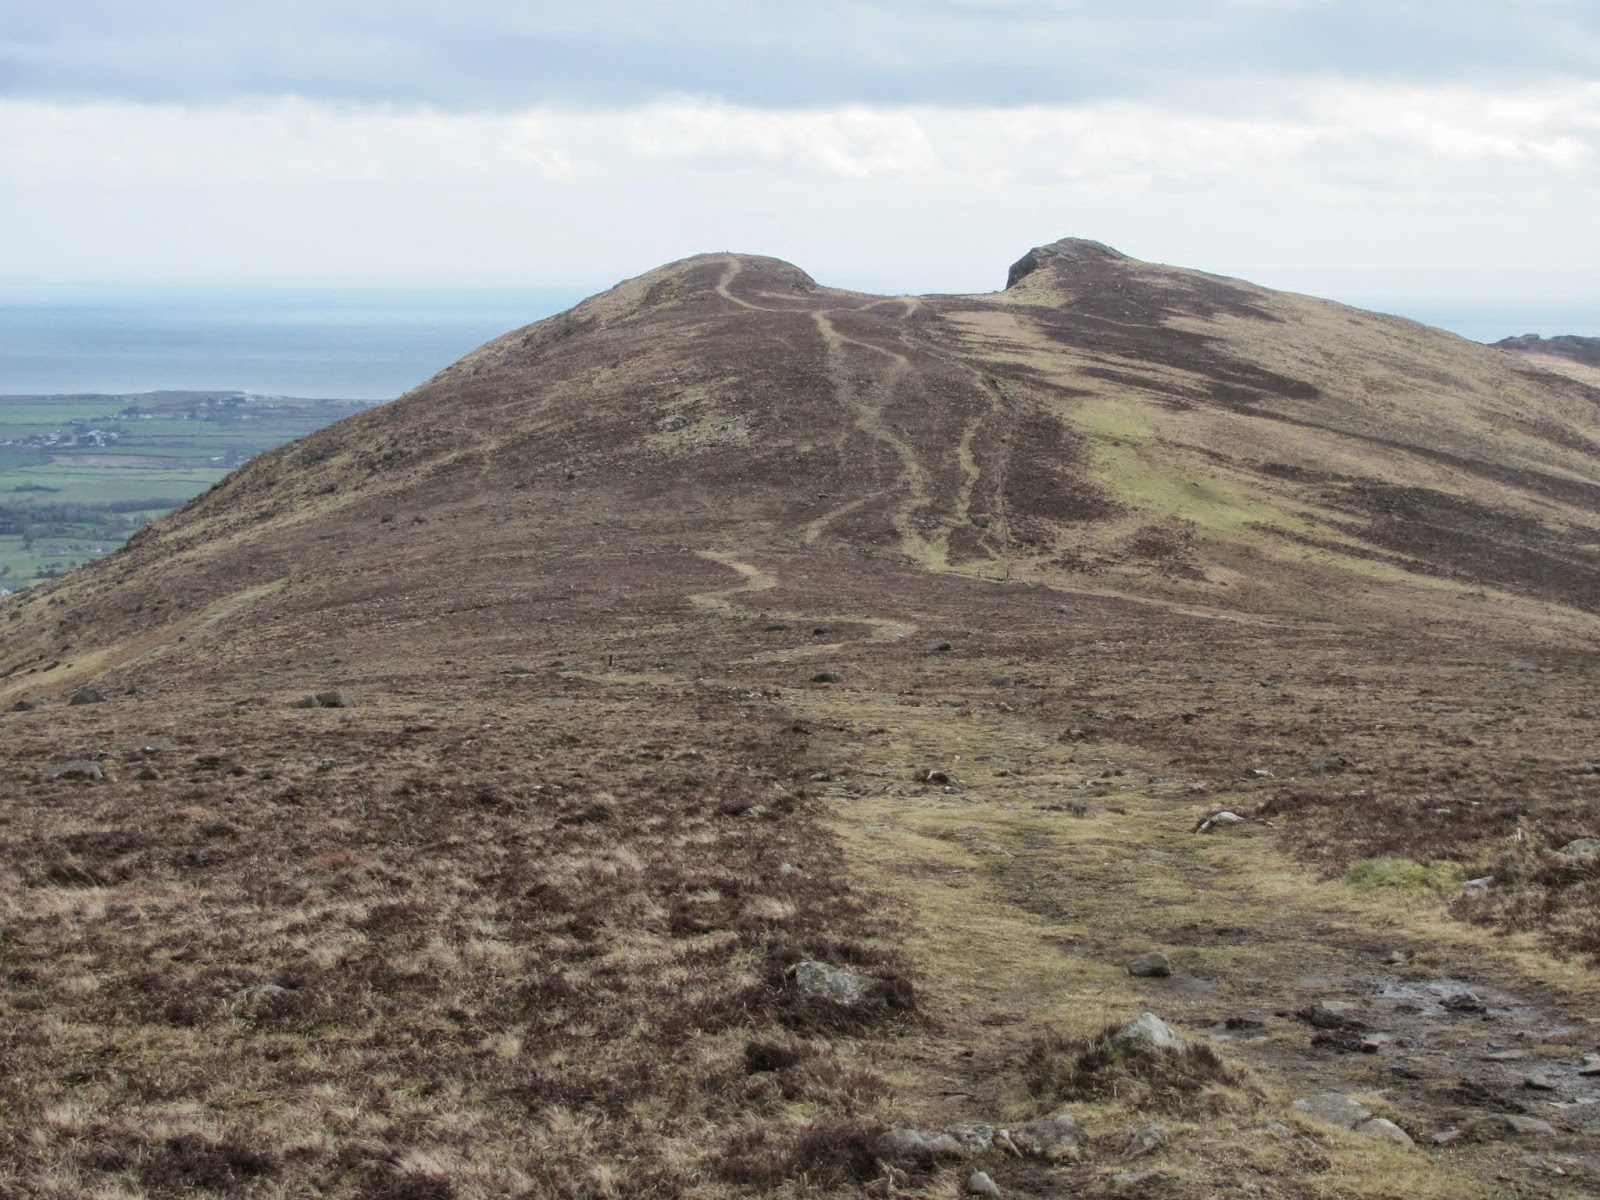 Maeve's Gap Tain, Co. Louth, Ireland